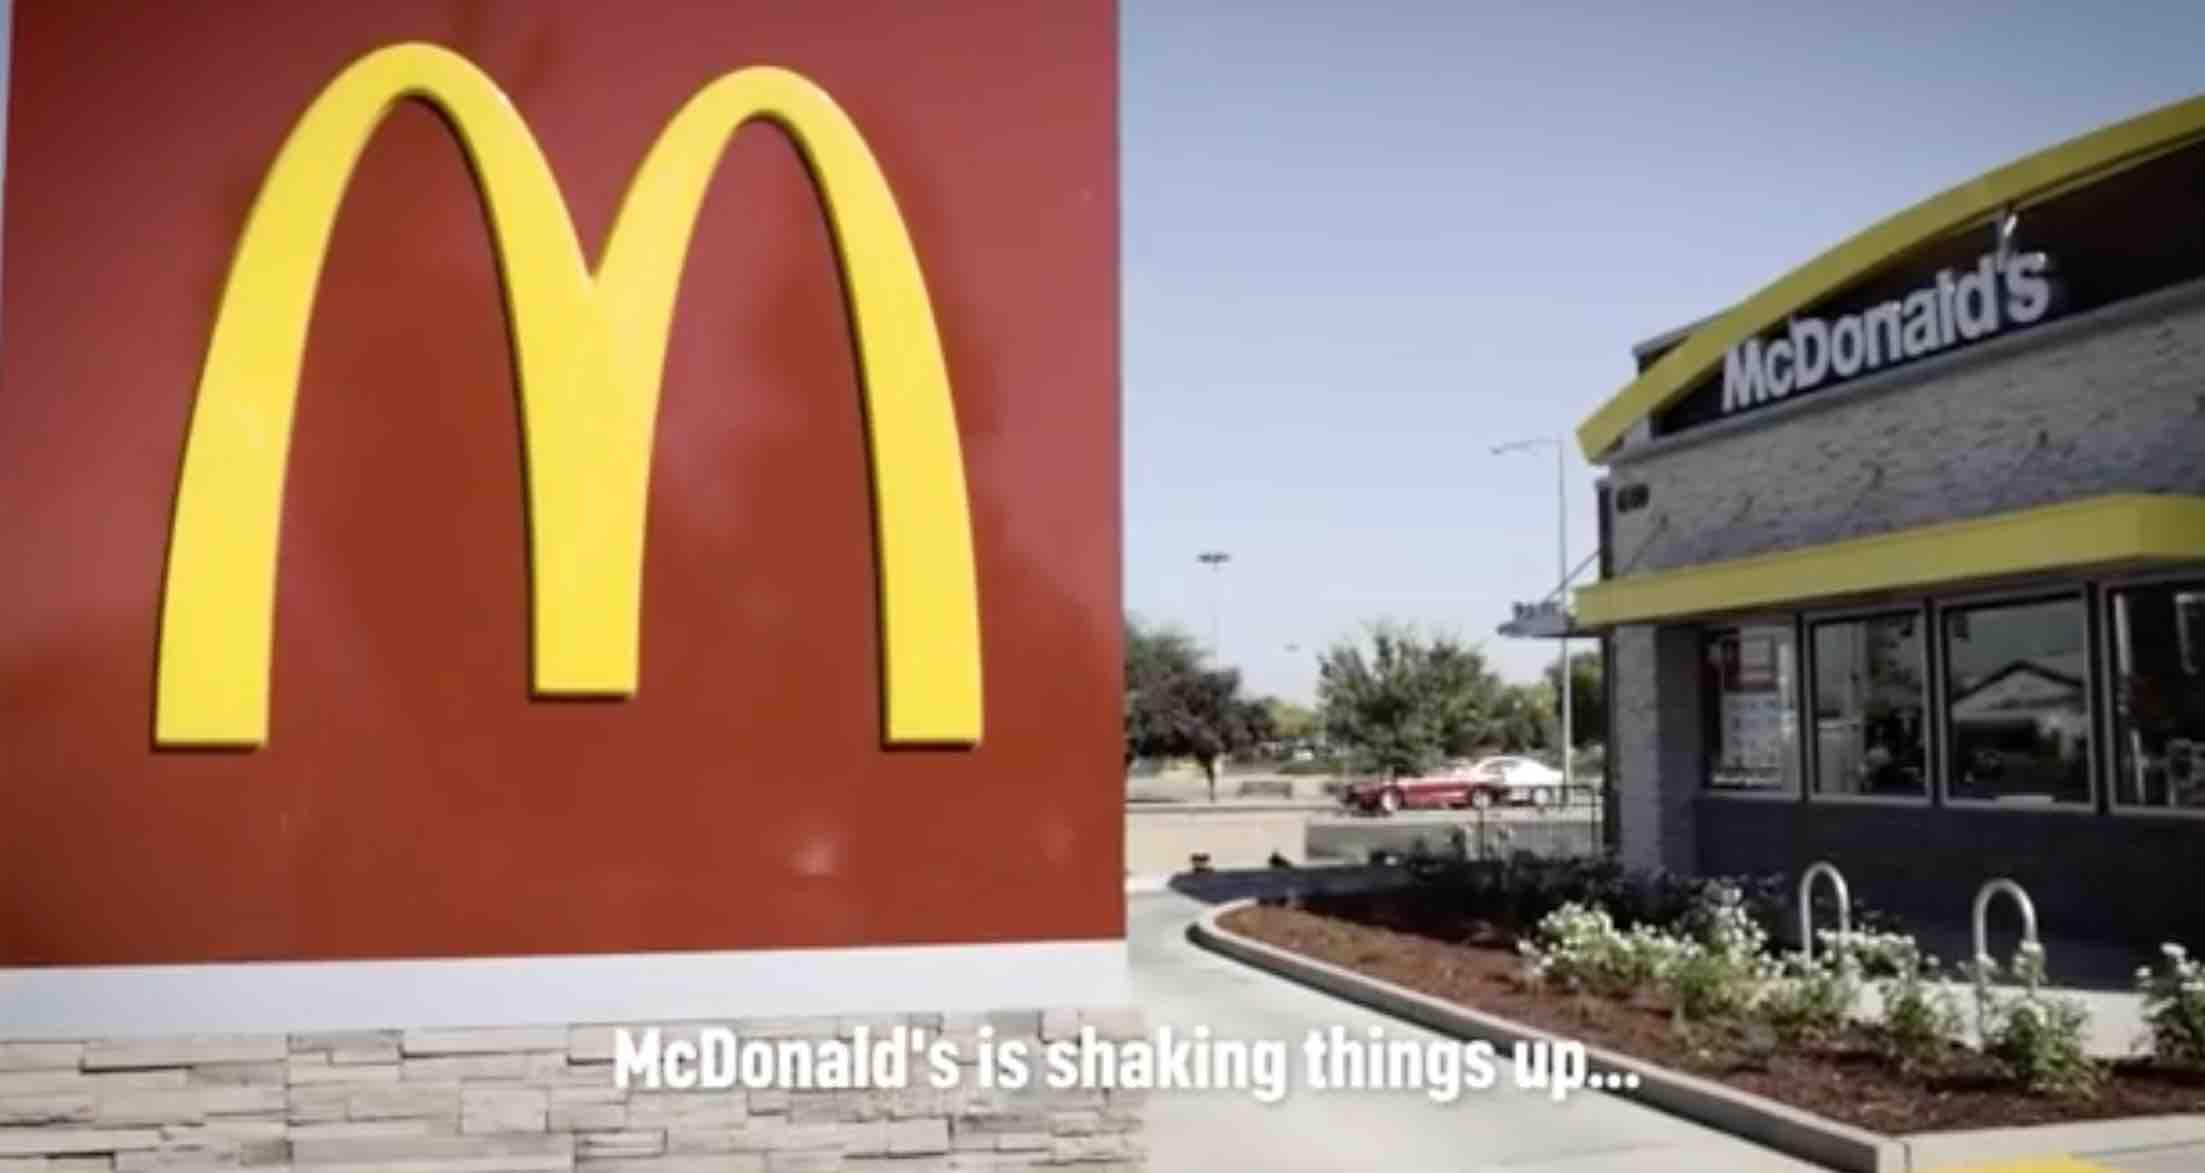 McDonald's annuncia una nuova cannuccia con una parodia su Apple